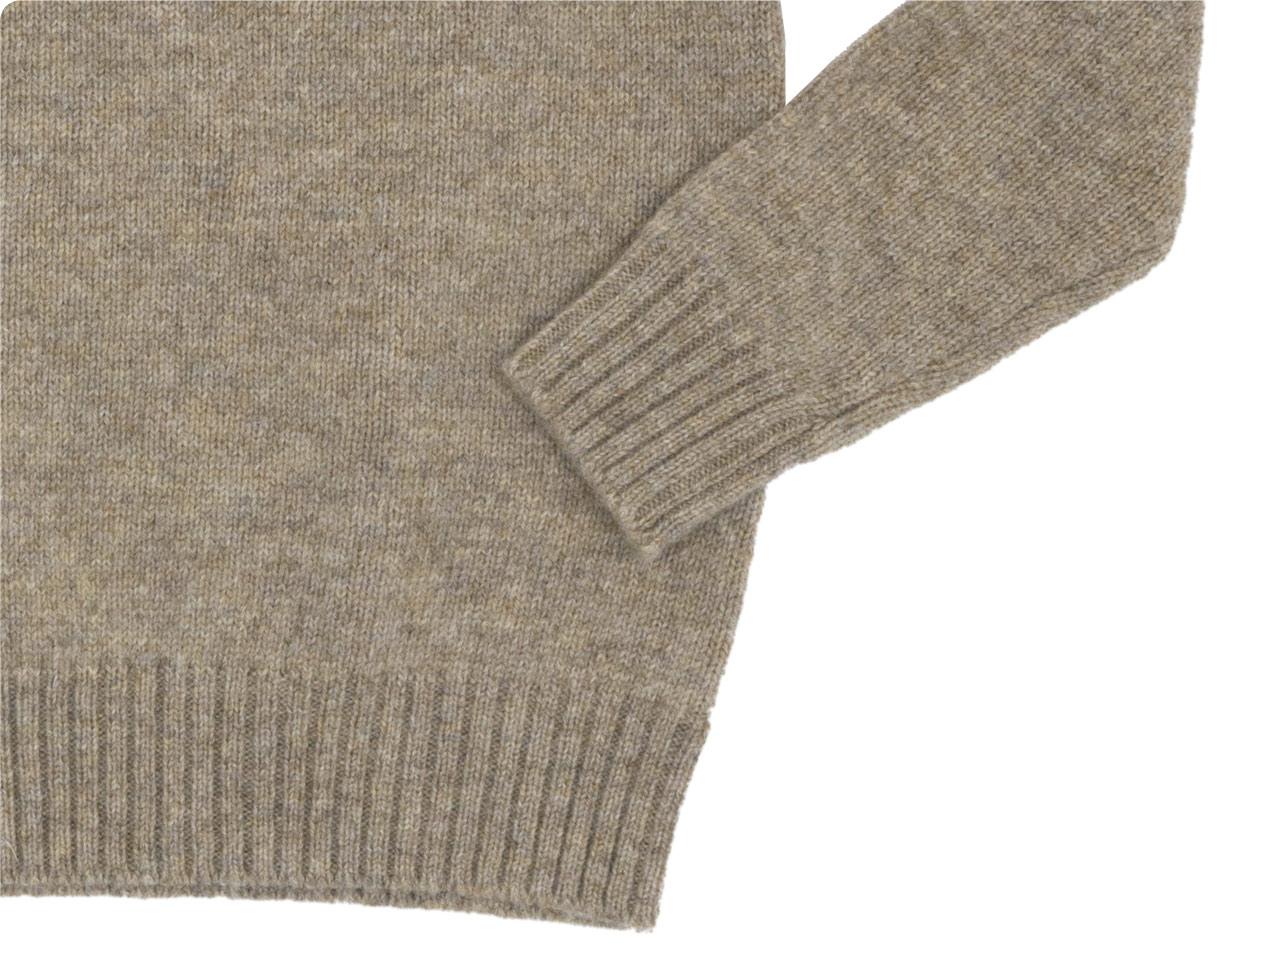 Charpentier de Vaisseau Crew Neck Knit